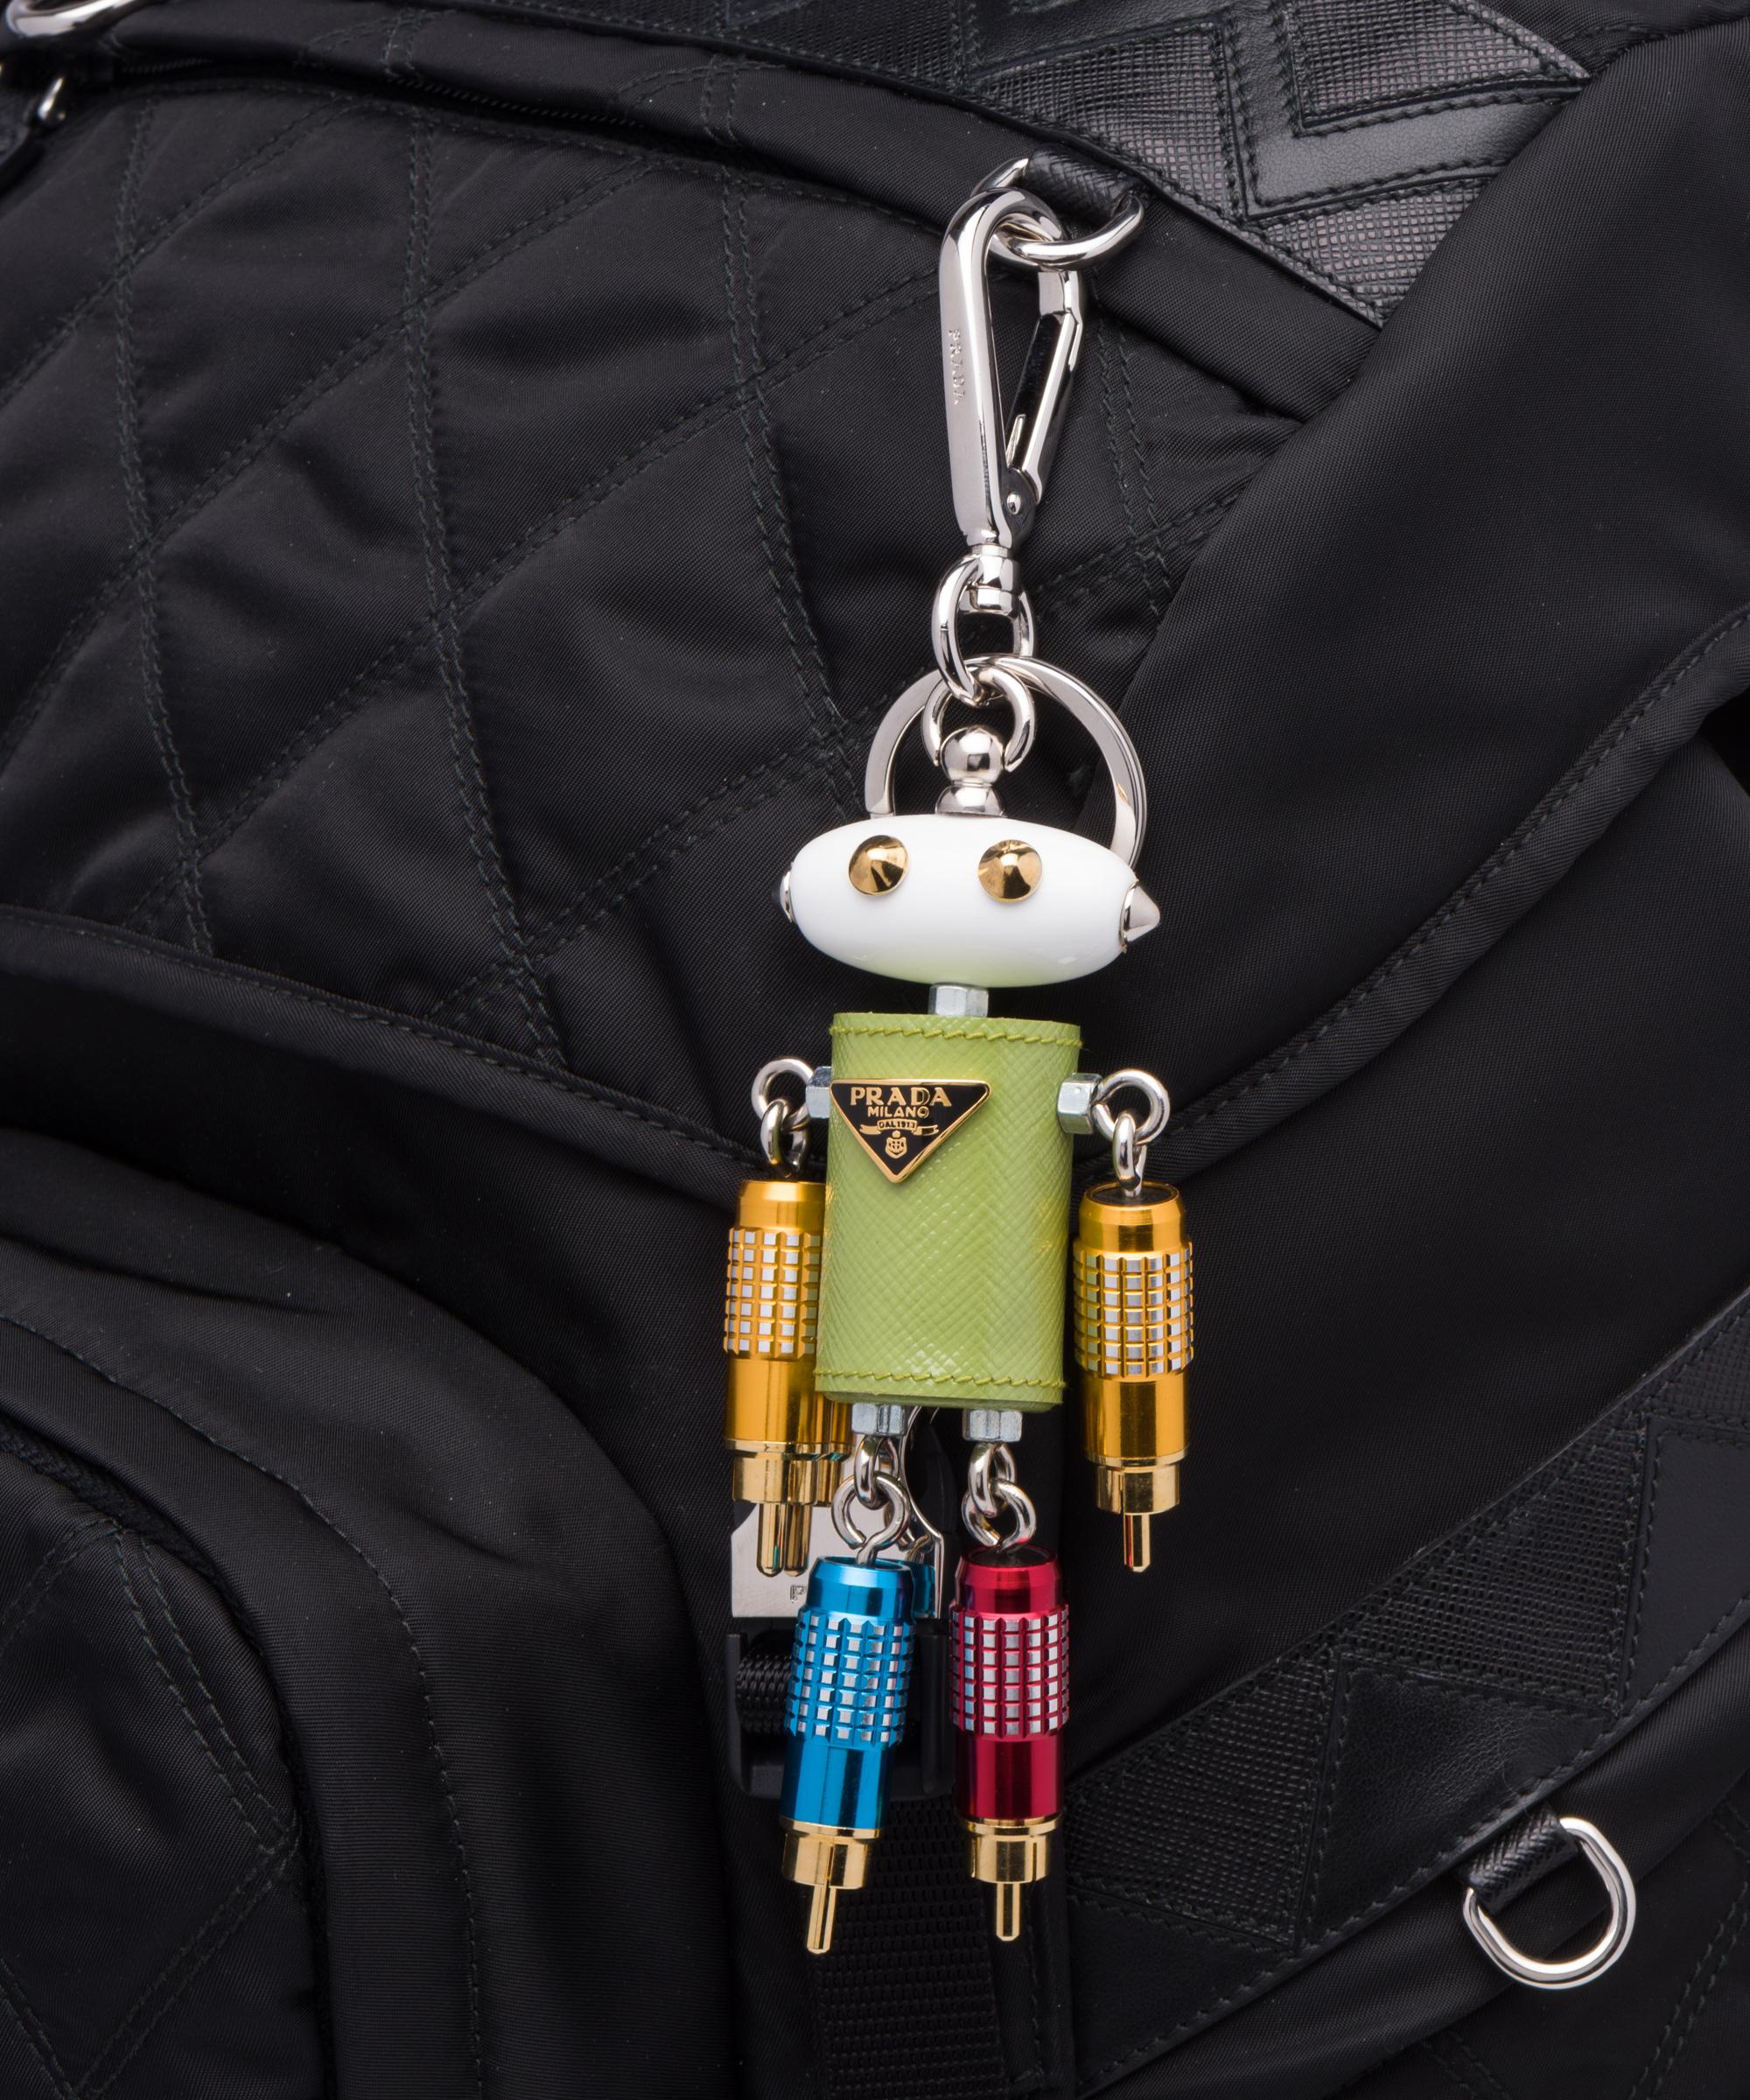 Prada Saffiano Leather Keychain Trick cnKGzr